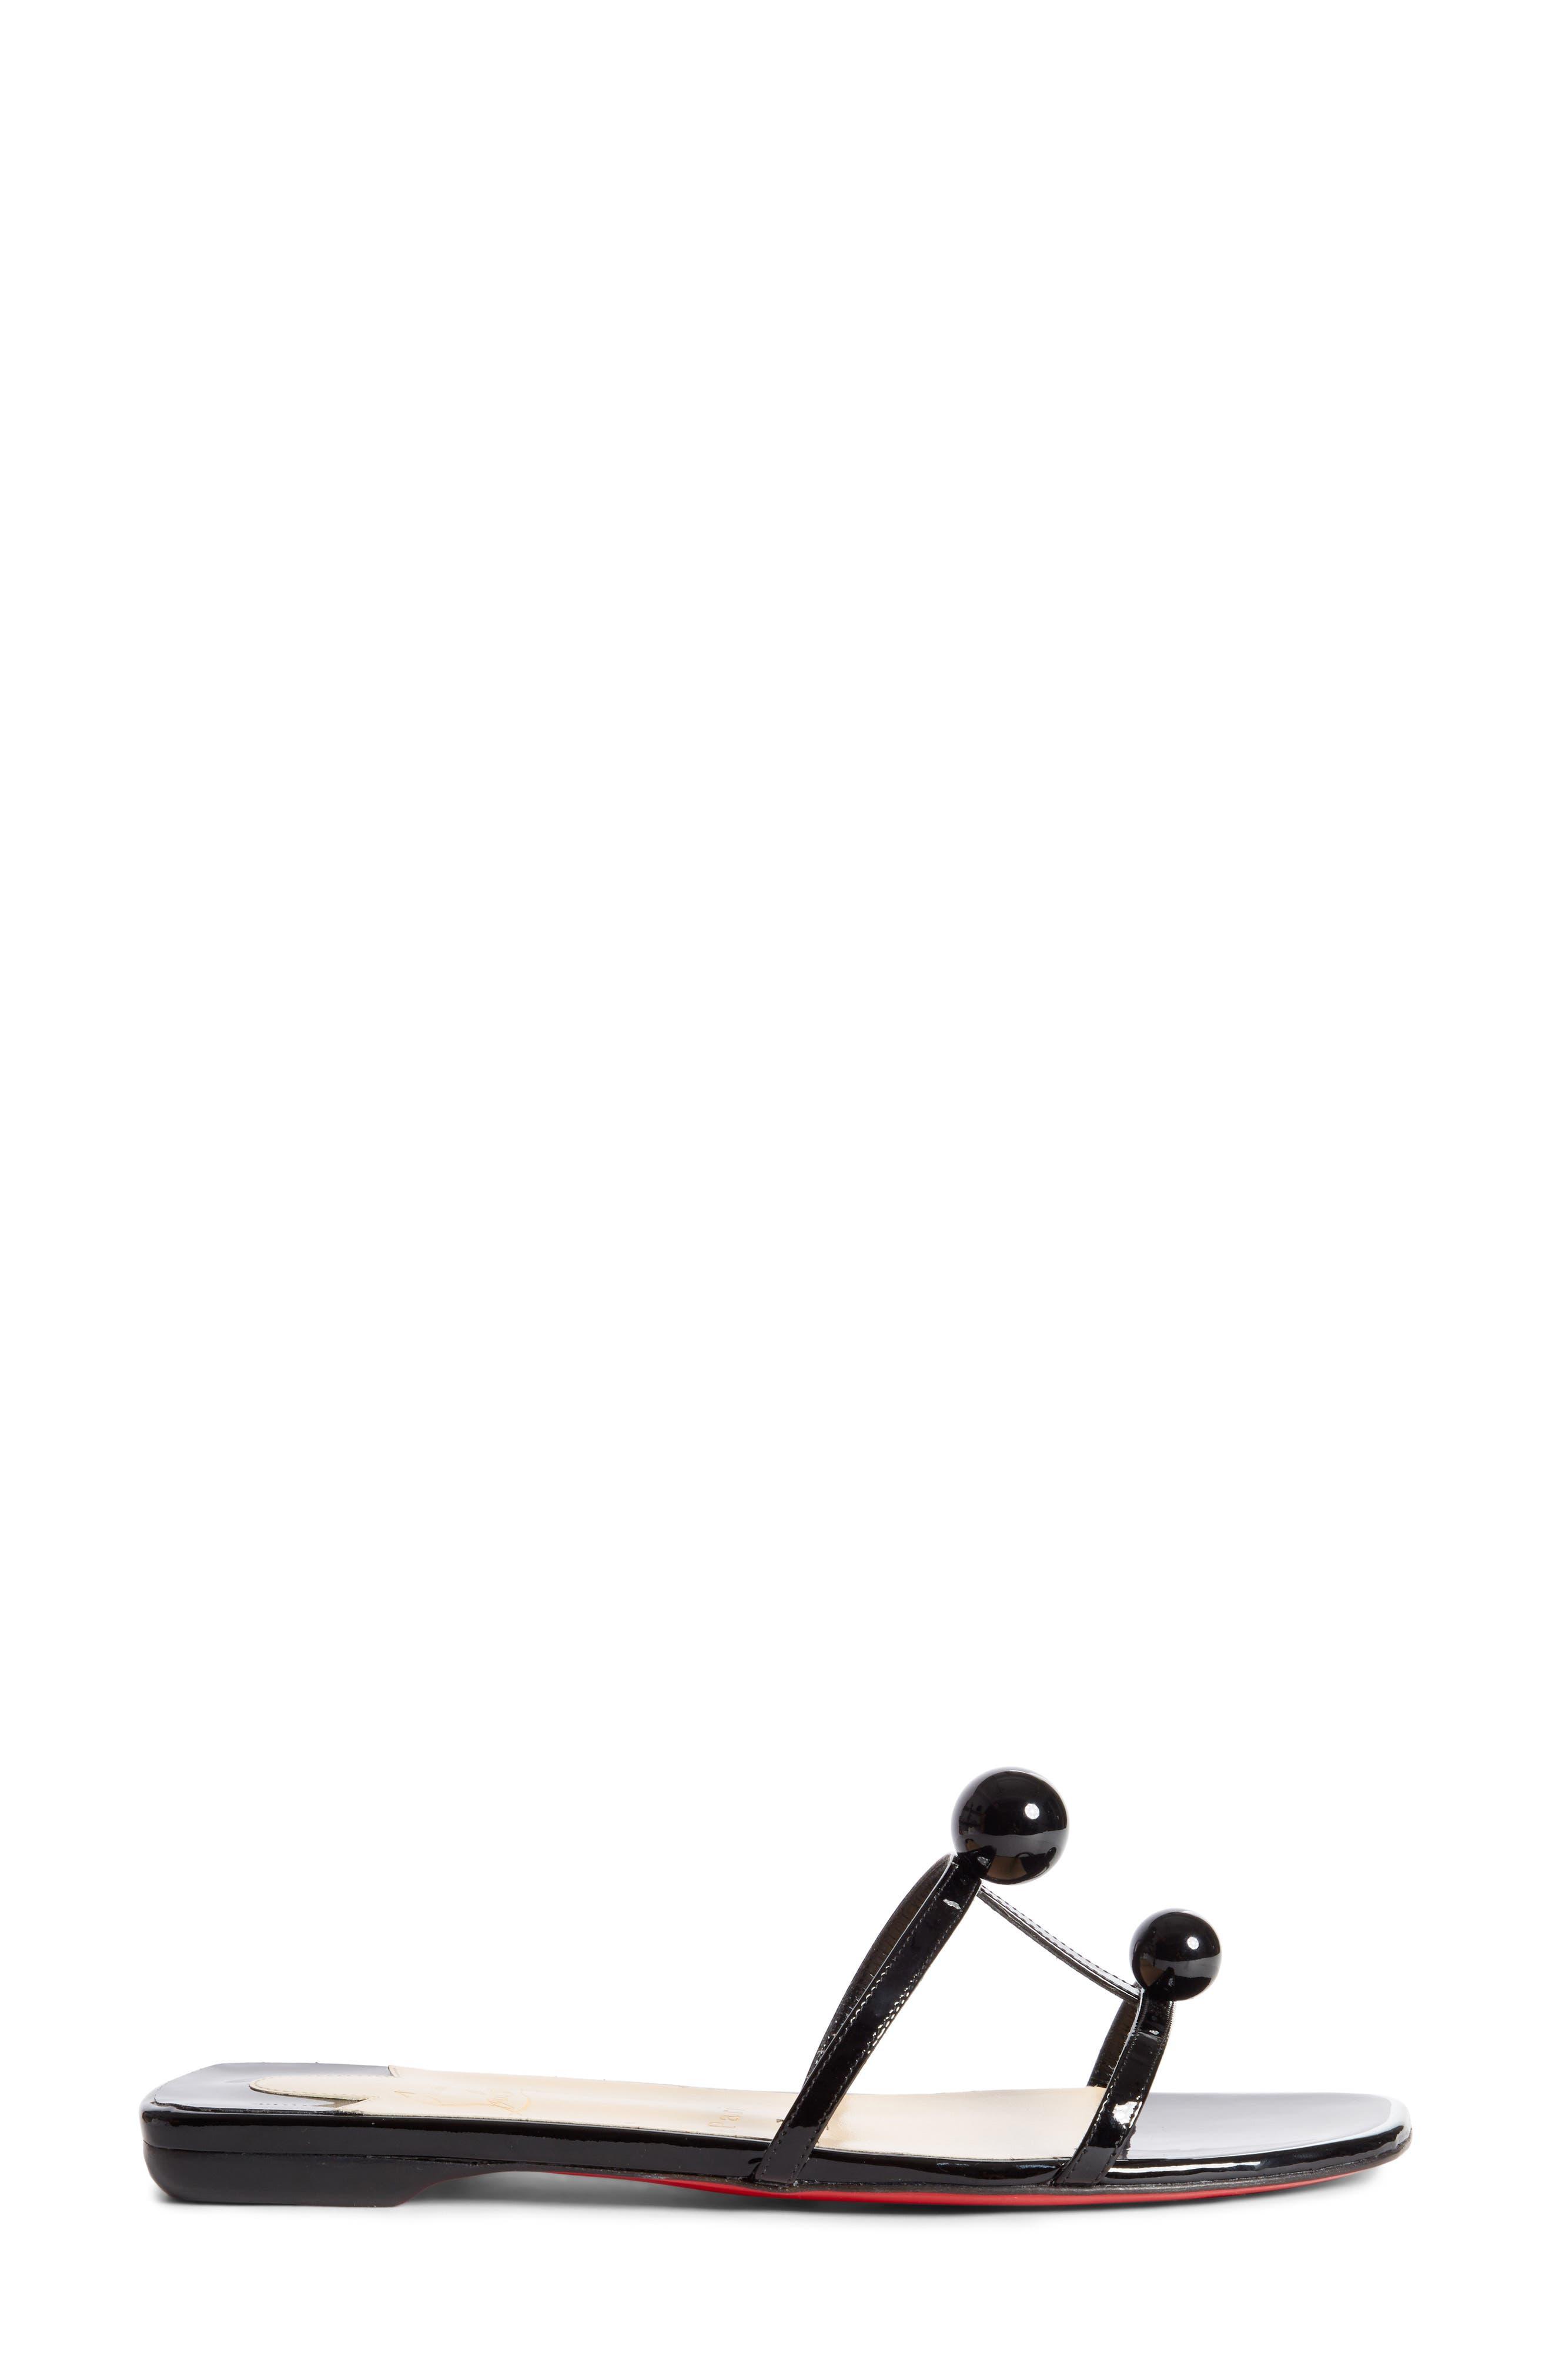 Atonetta Ornament Slide Sandal,                             Alternate thumbnail 3, color,                             003